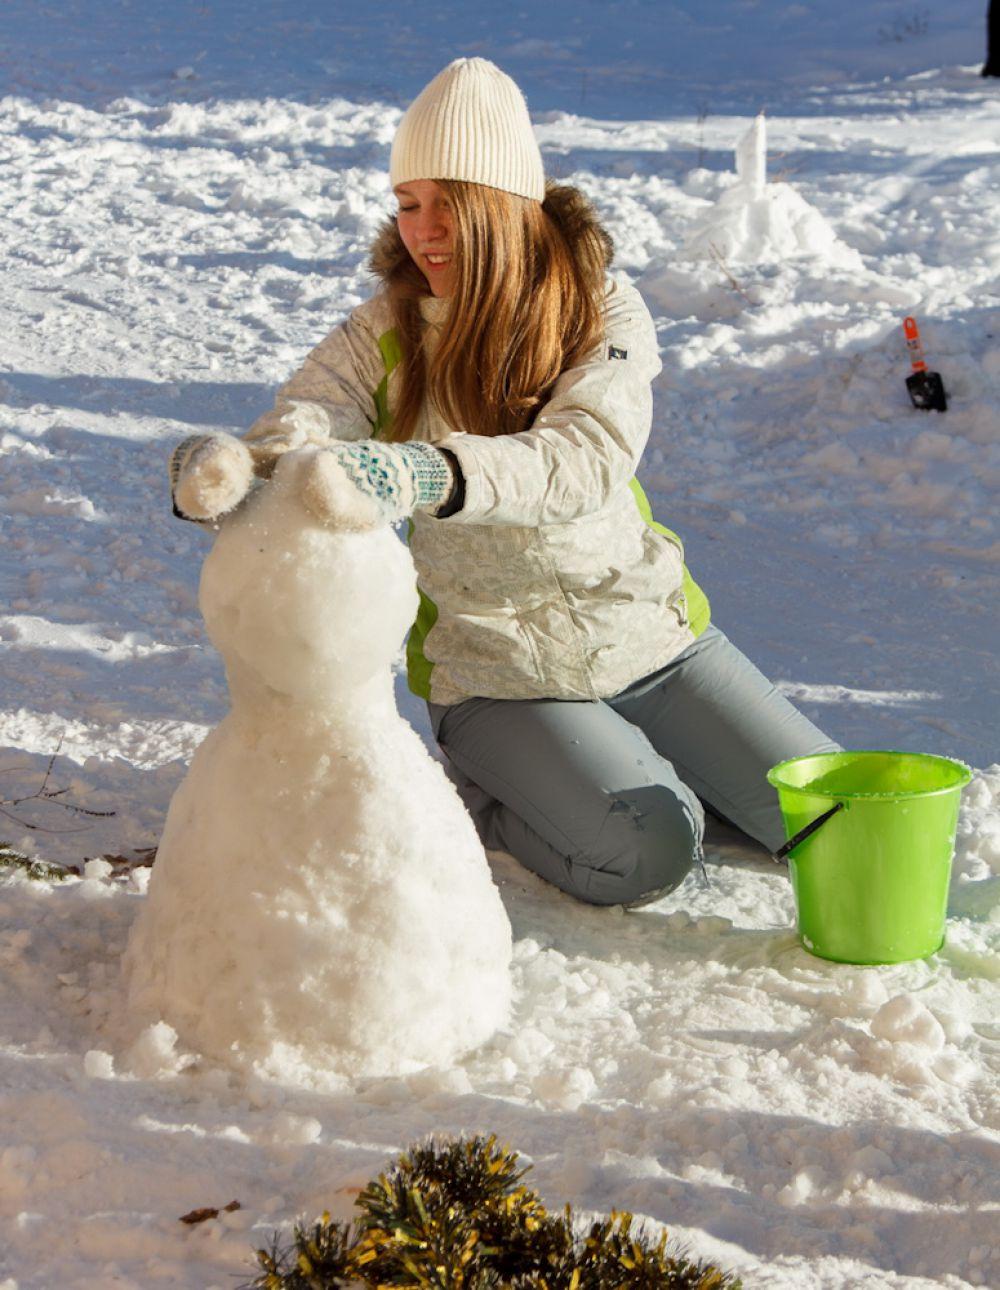 Чтобы укротить на морозе строительный материал, приходилось поливать снег водой.